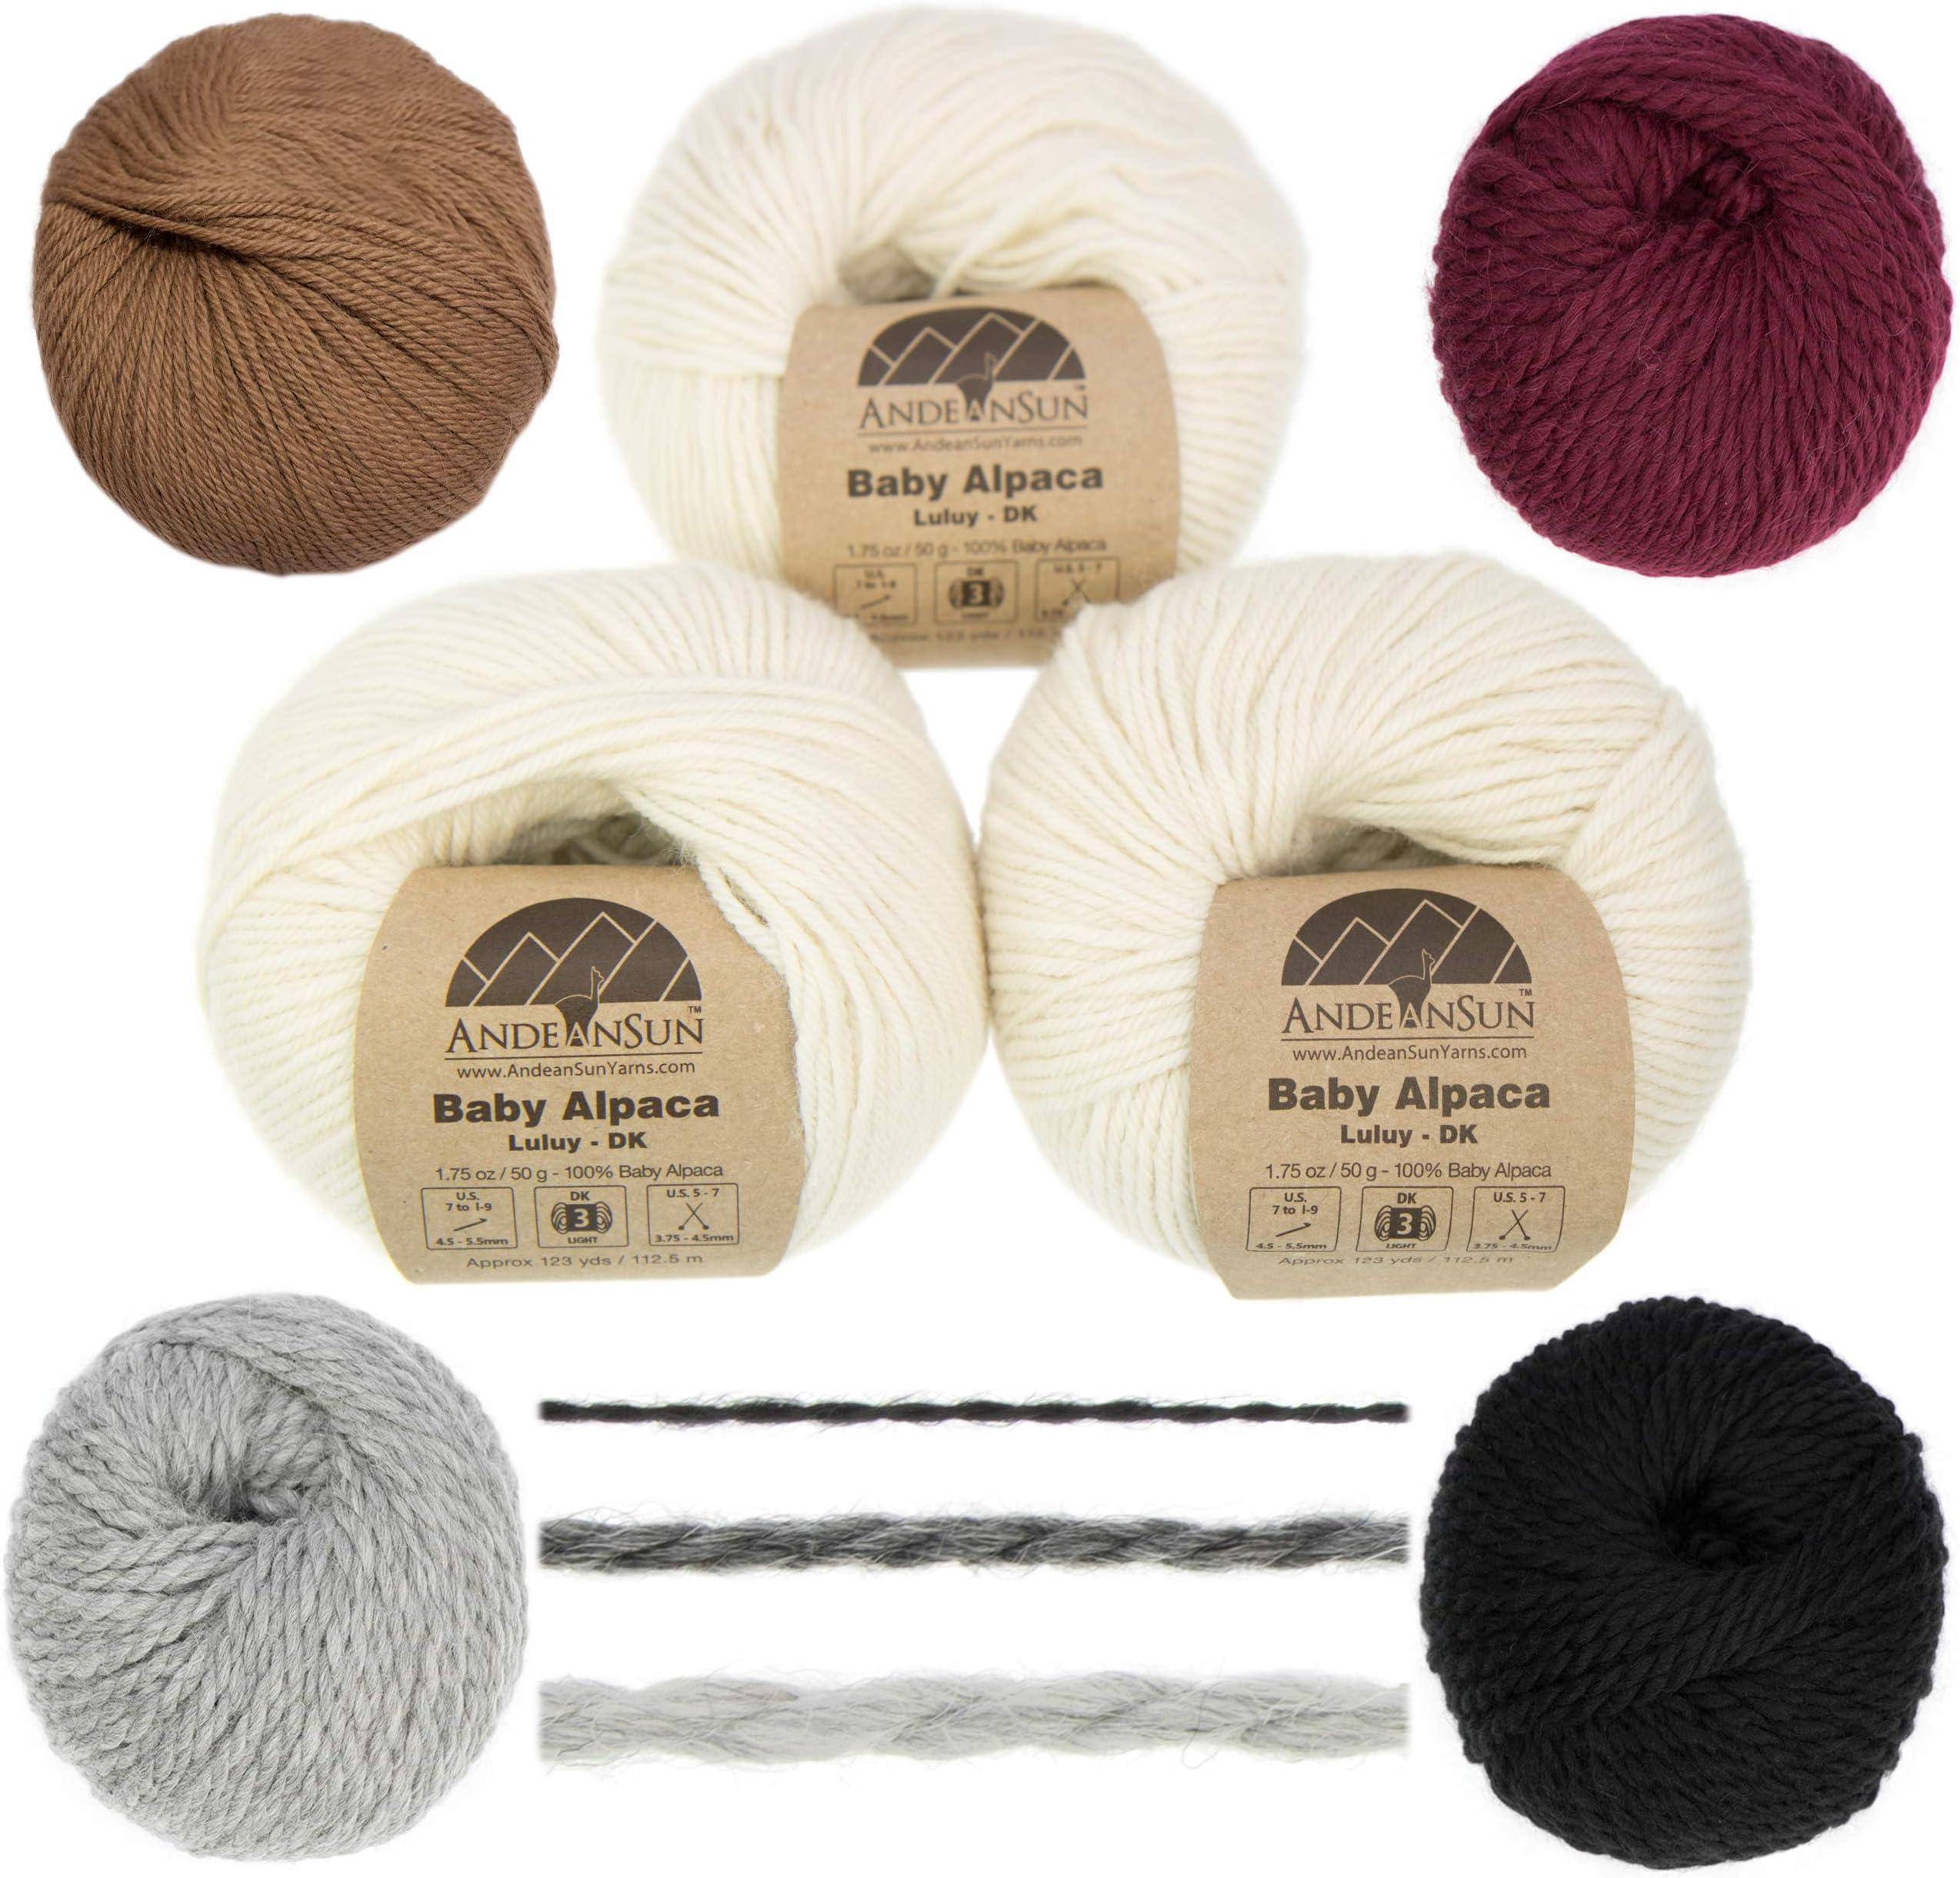 Lot of 10 Skeins of 100/% Baby Alpaca Yarn Luxurious Wool Indiecita DK 50G